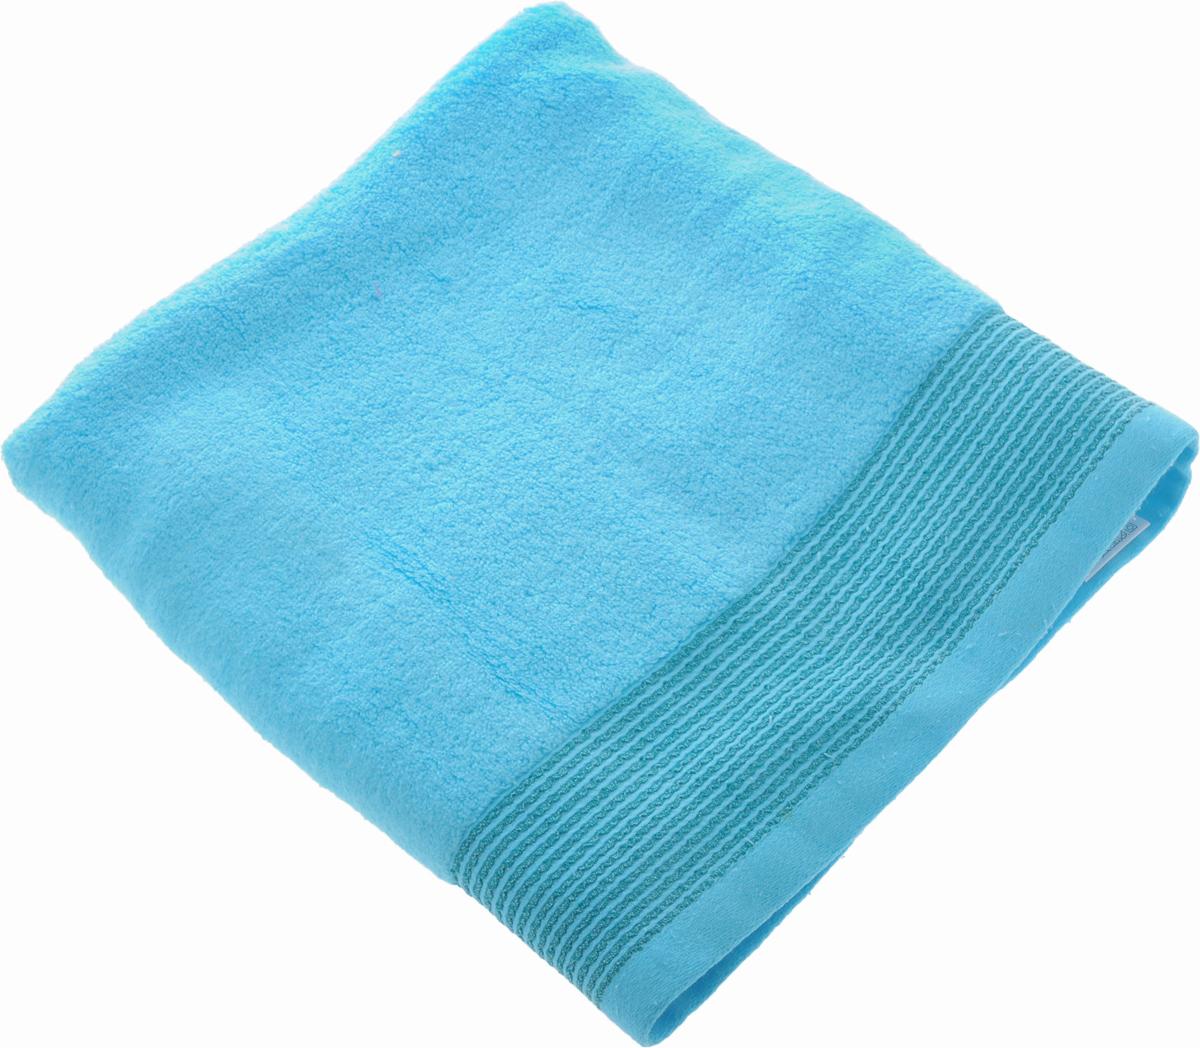 Полотенце Soavita Селсо, цвет: голубой, 70 х 140 см10503Полотенце Soavita Селсо выполнено из 100% хлопка. Изделие отлично впитывает влагу, быстро сохнет, сохраняет яркость цвета и не теряет форму даже после многократных стирок. Полотенце очень практично и неприхотливо в уходе. Оно создаст прекрасное настроение и украсит интерьер в ванной комнате.